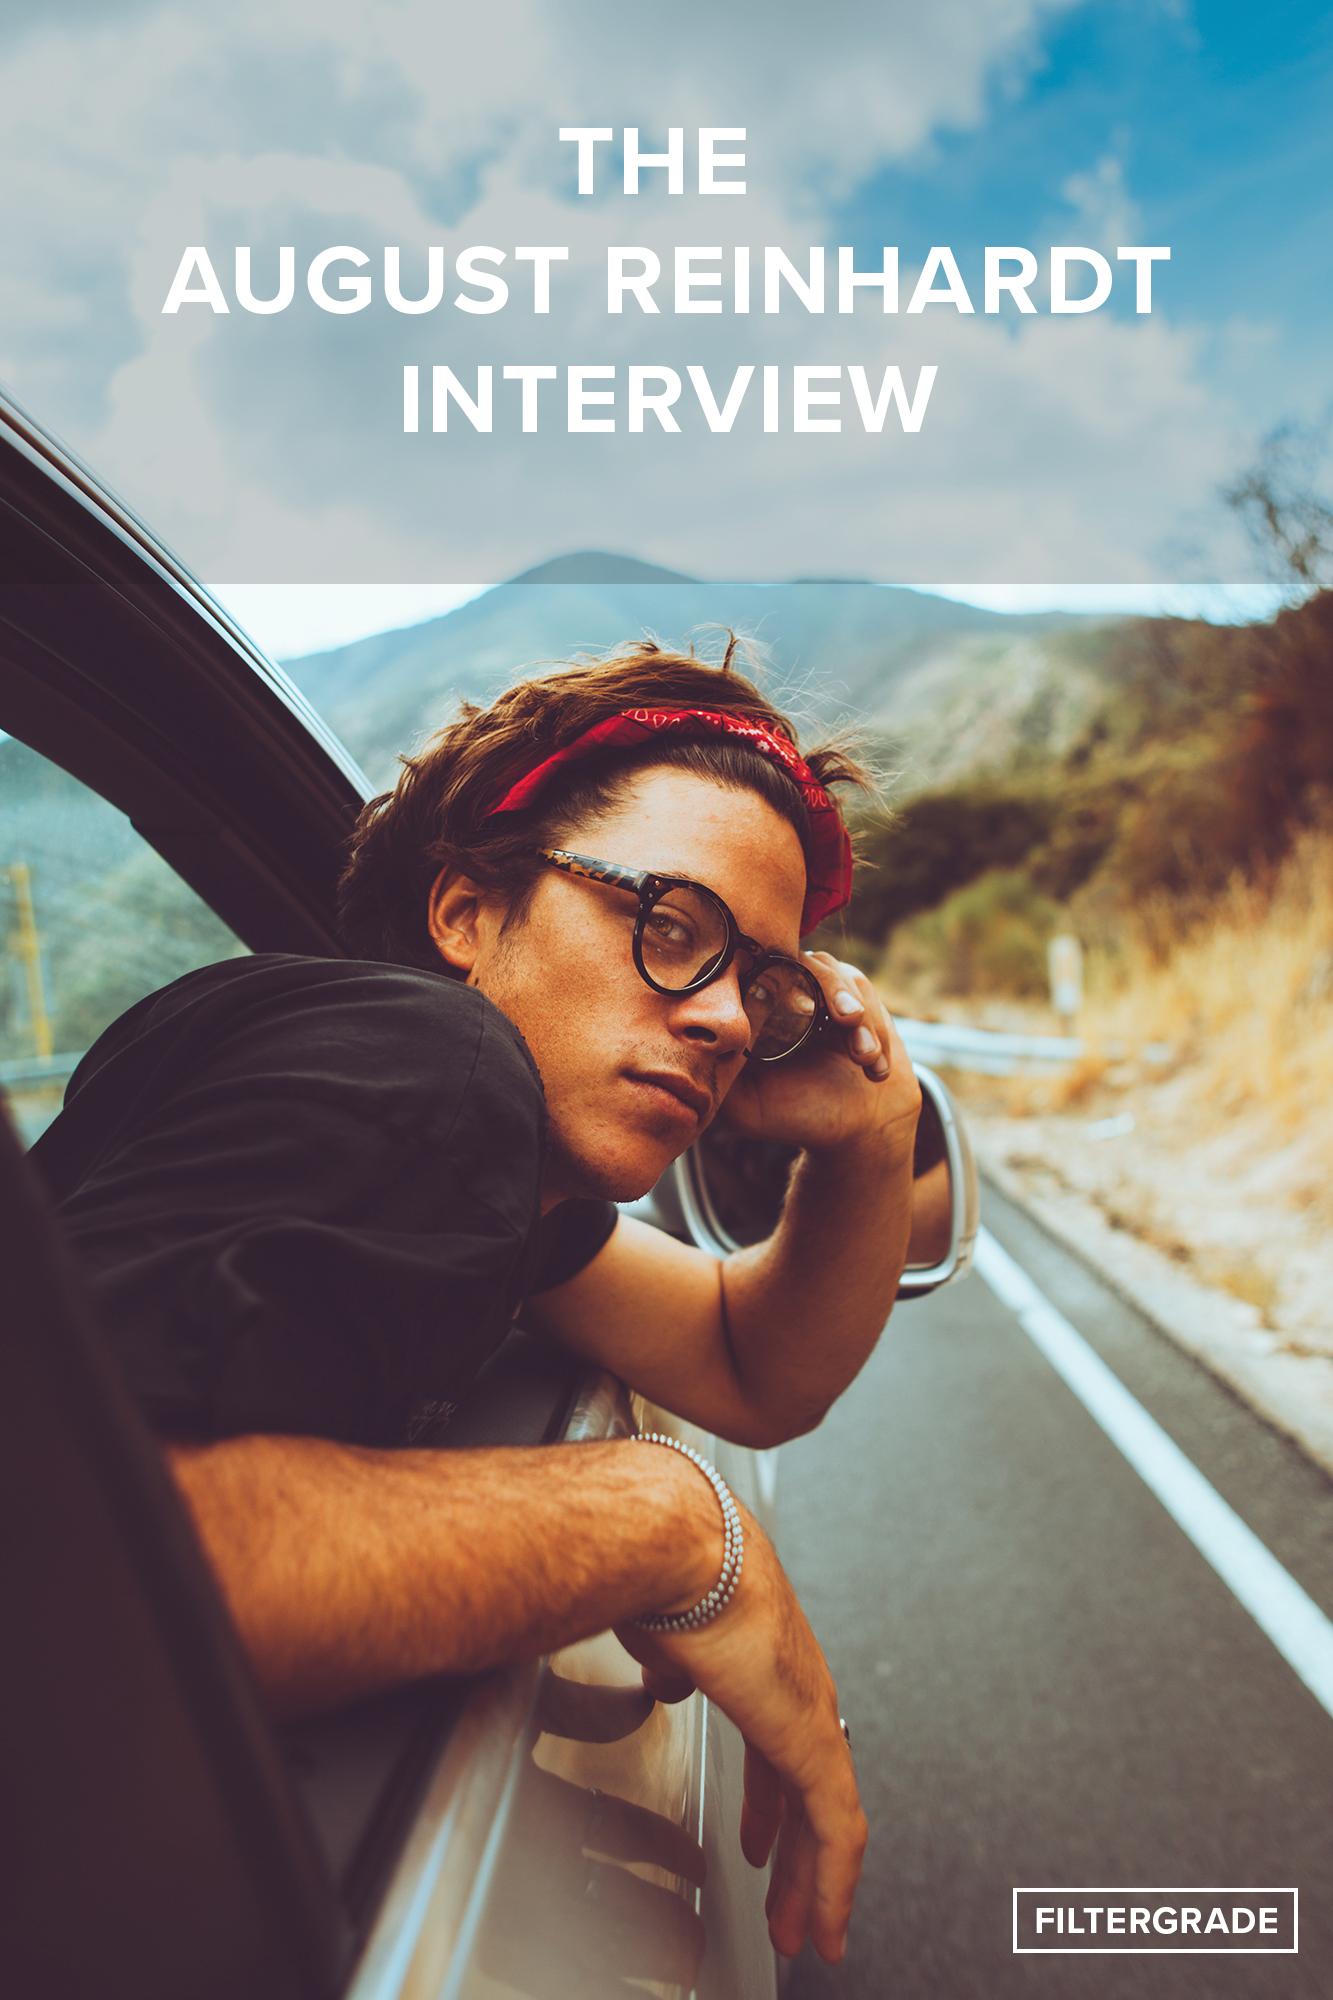 The August Reinhardt Interview - FilterGrade